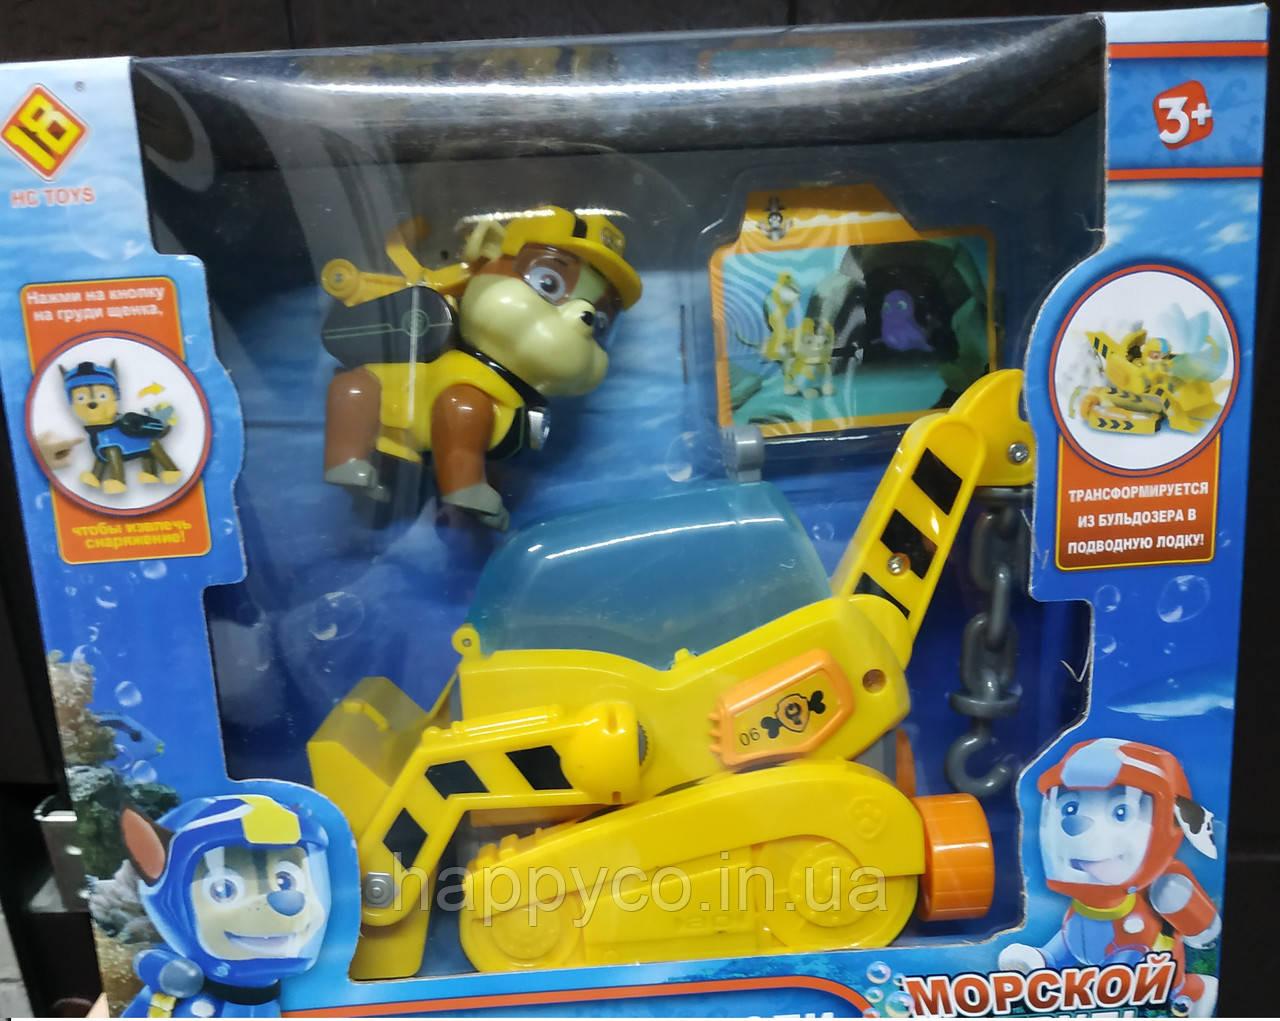 Герои Морской патруль, свет, звук, открывается рюкзачок,  Крепыш ,детская игрушка